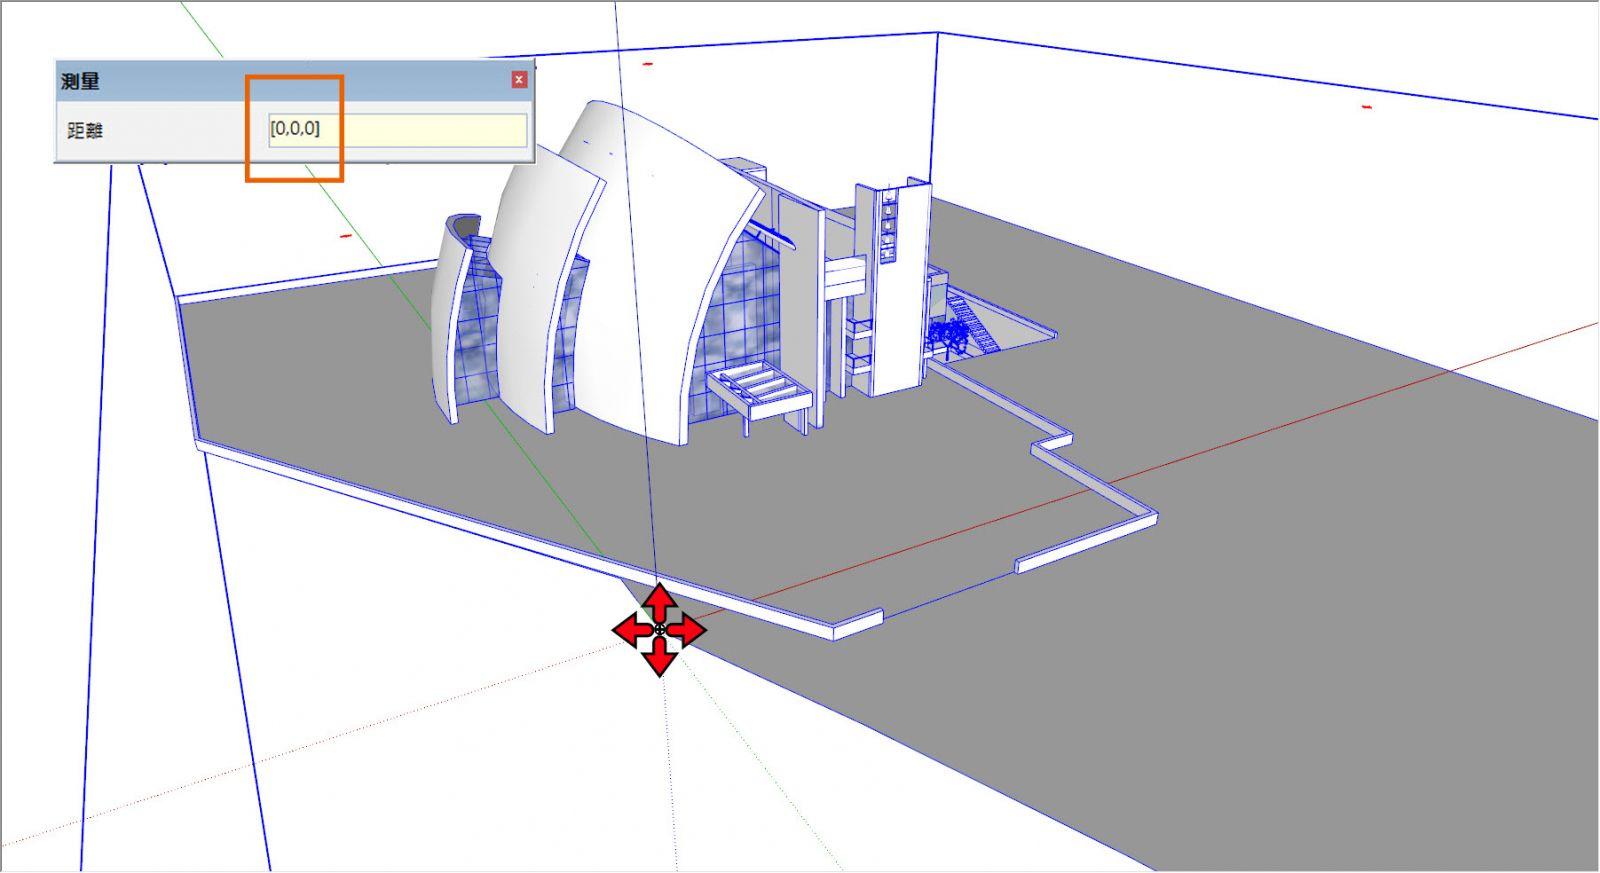 移動模型輸入三軸交會點座標